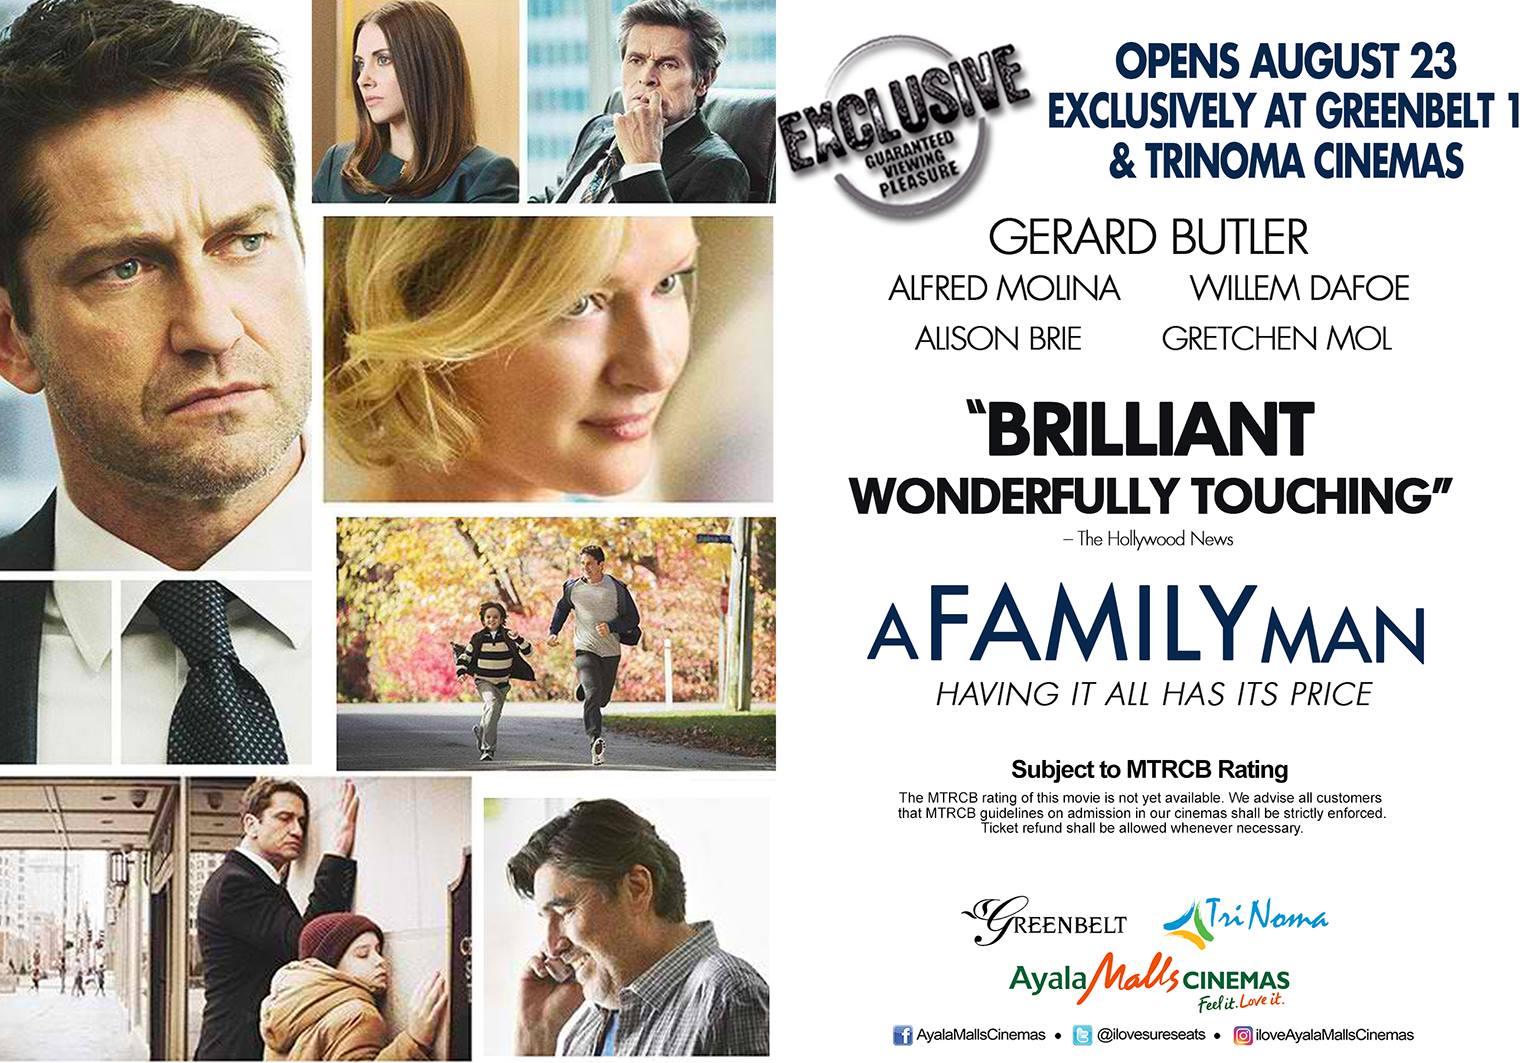 A Family Man อะแฟมิลี่แมน ชื่อนี้ใครก็รัก